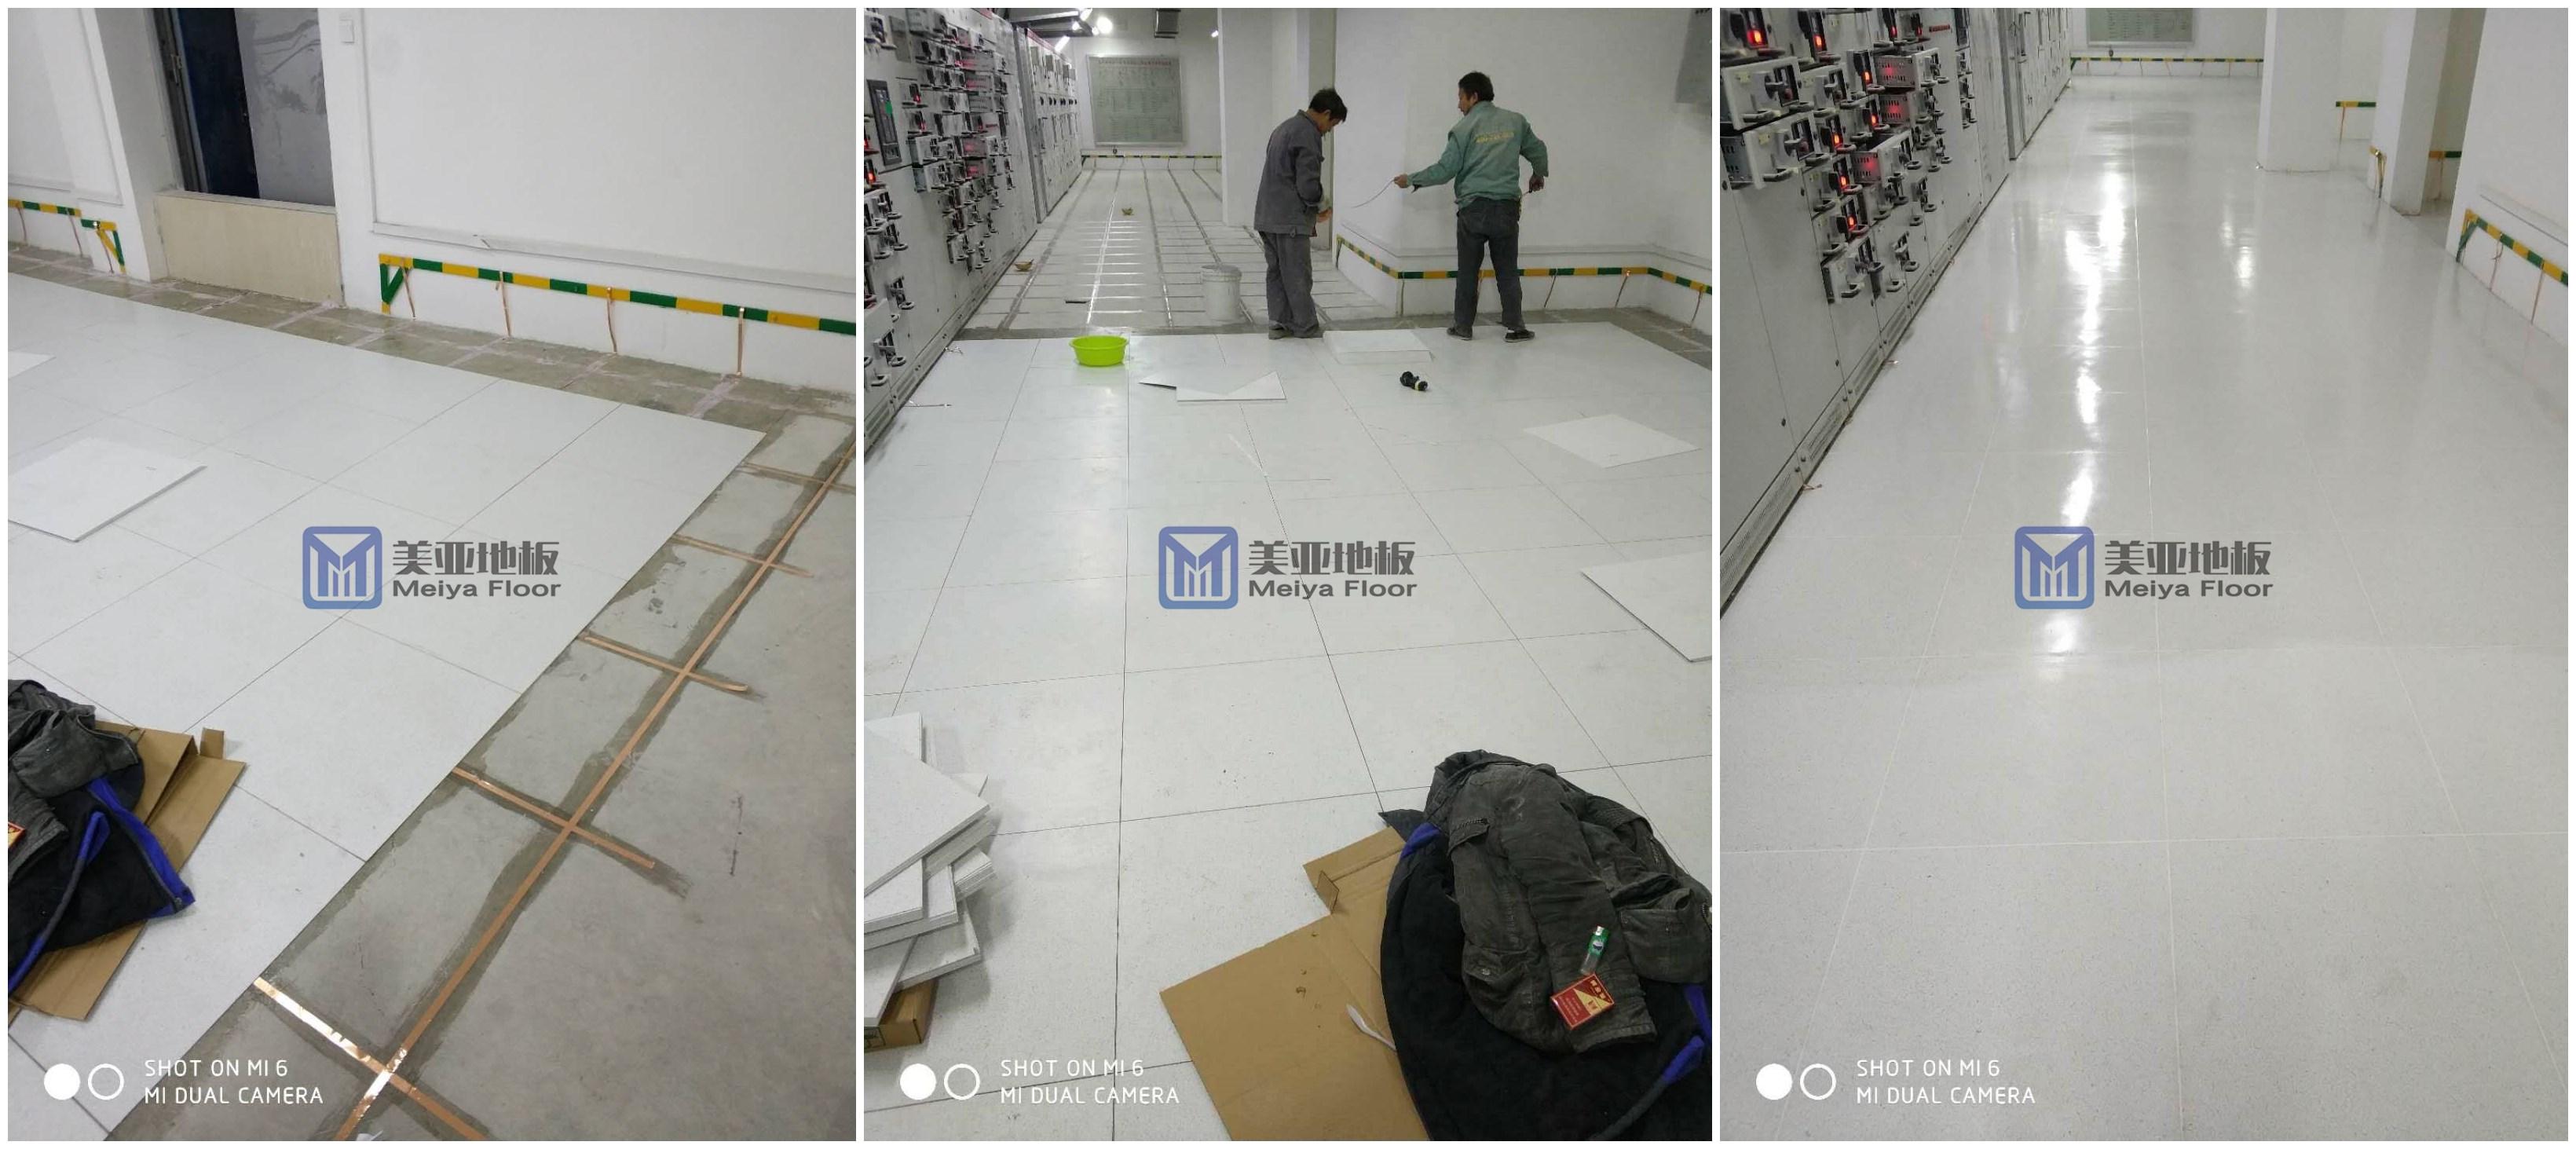 美亚PVCfangjing电di板,工人现场shi工中!